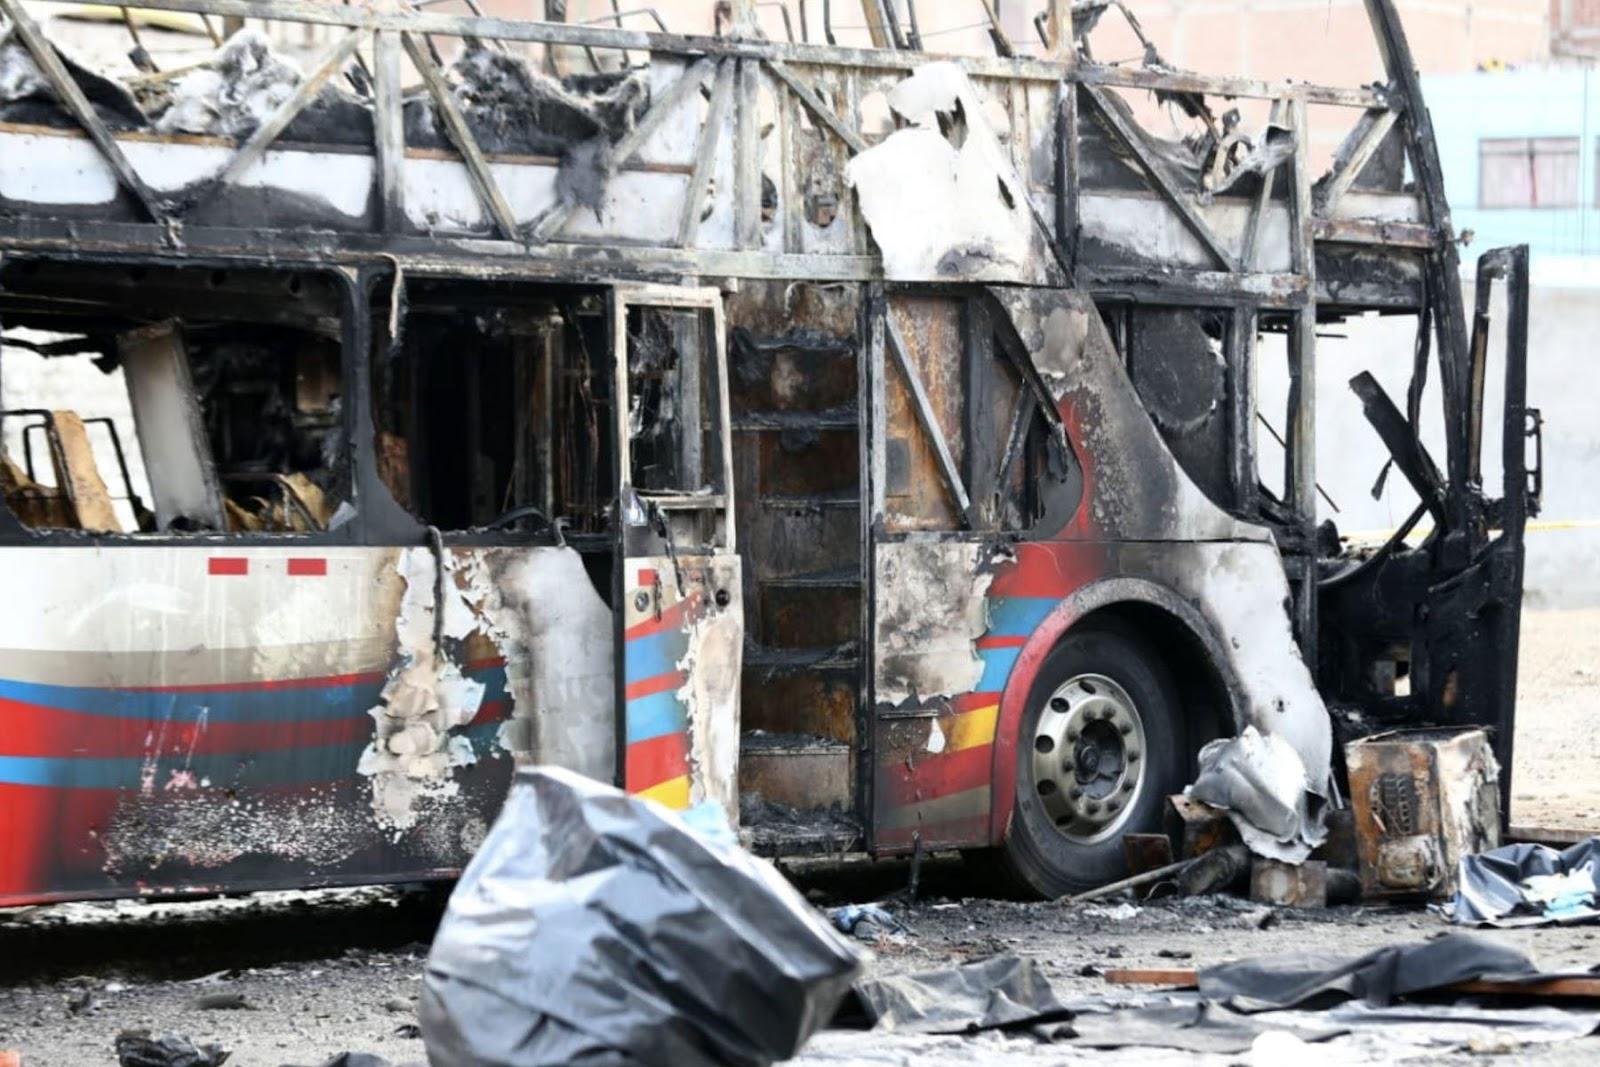 sí quedó bus incendiado en Fiori, donde perecieron 17 personas. F